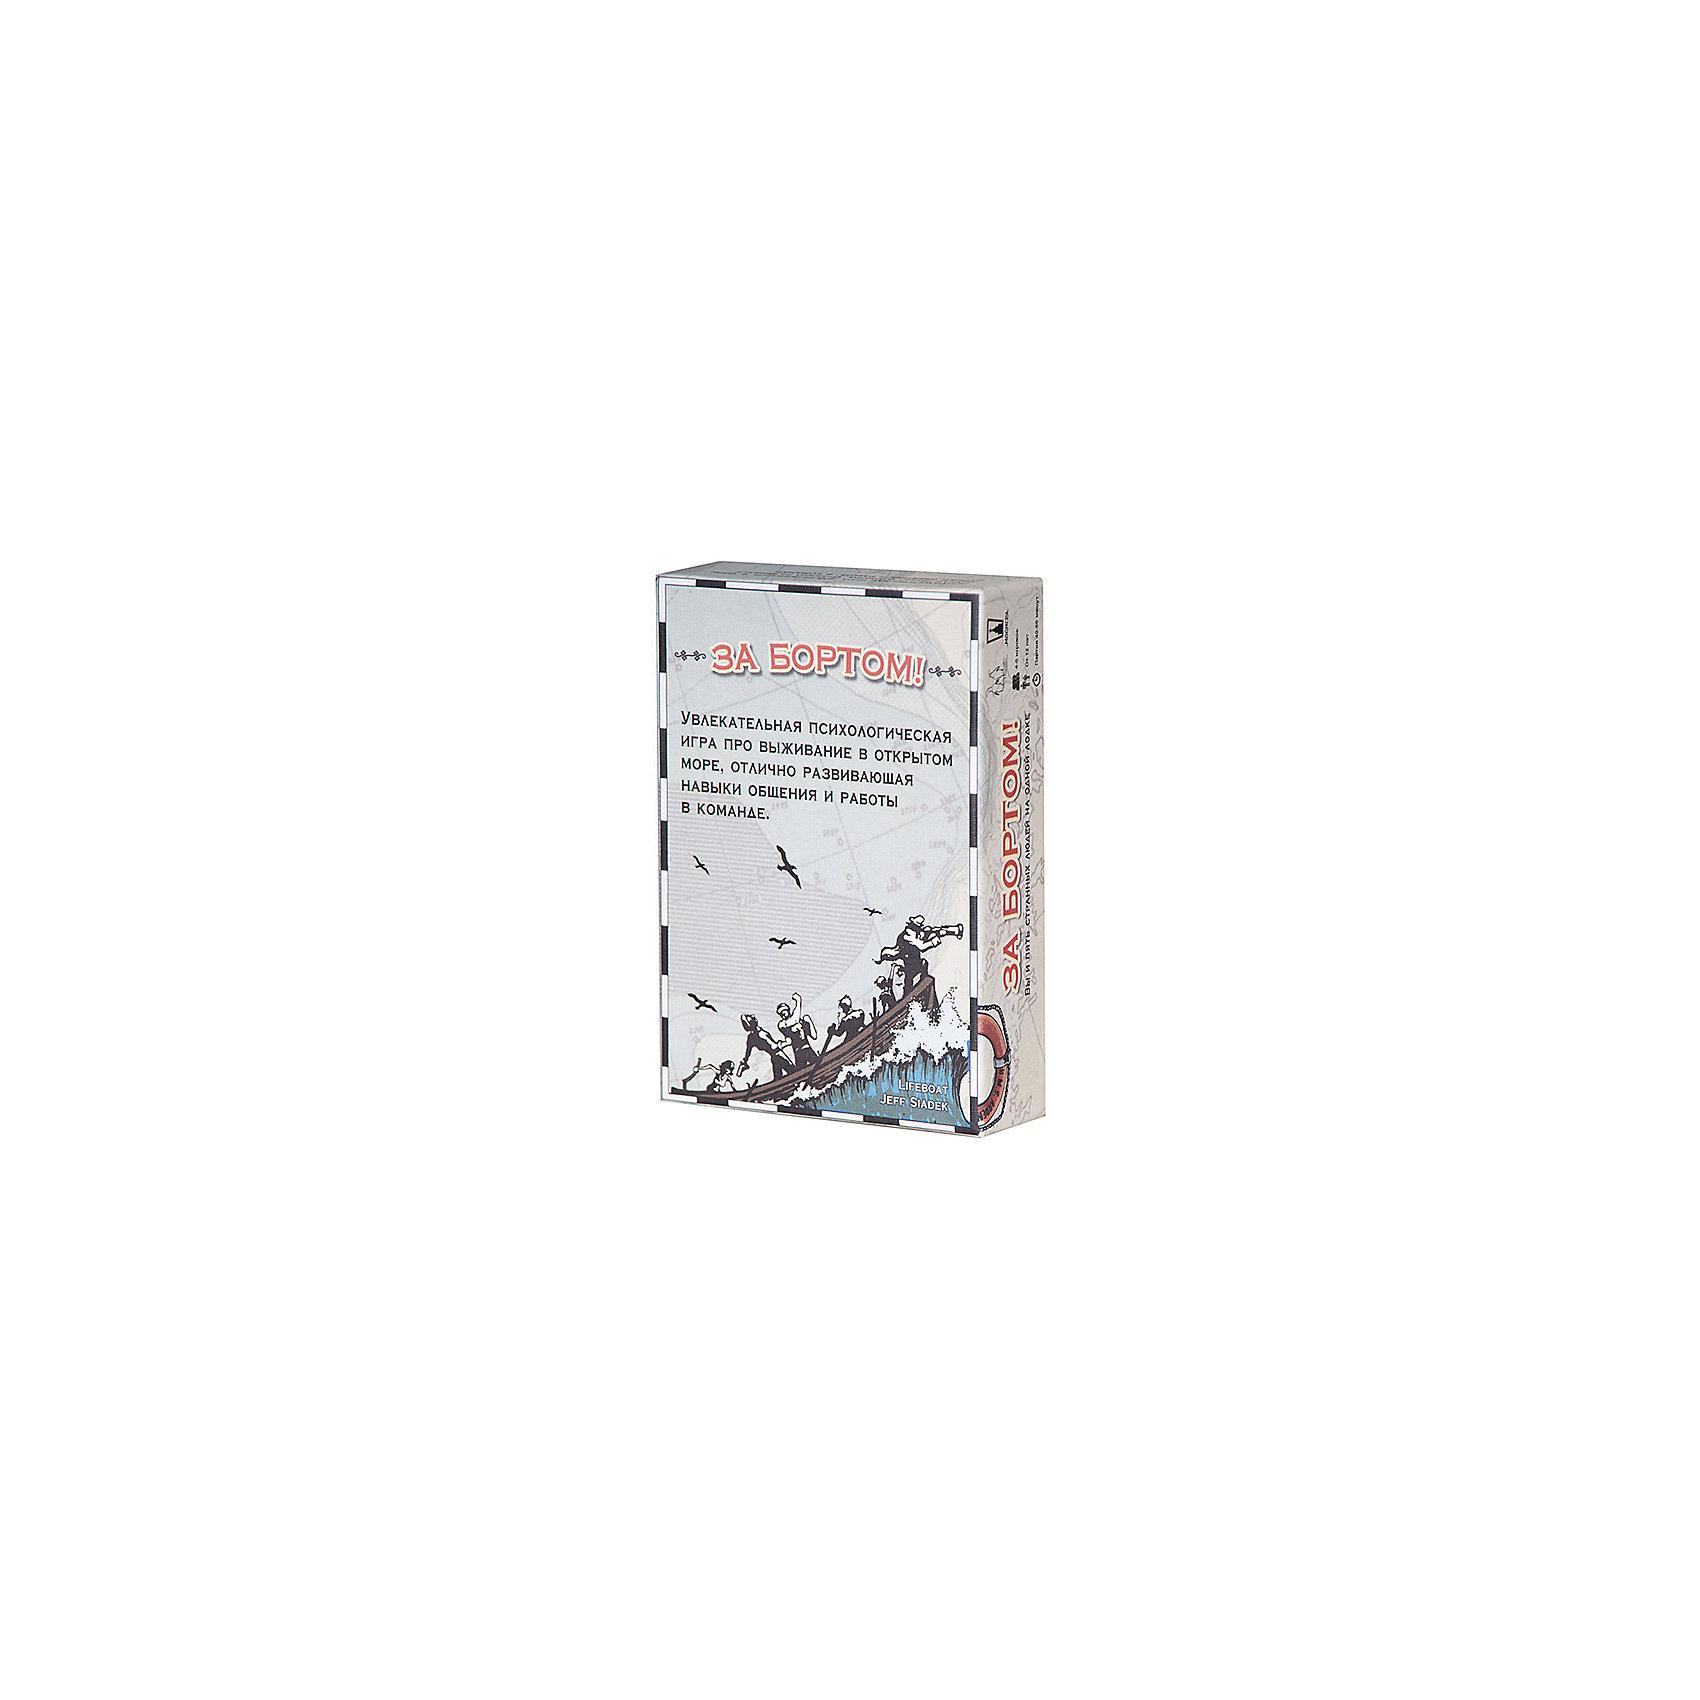 Настольная игра За бортом, МагелланНастольные игры для всей семьи<br>Характеристики:<br><br>• возраст: от 12 лет<br>• комплектация: 42 карты снаряжения (например, компас, вода, деньги, весла или крюк); 6 карт персонажей; 6 карт банок (мест на лодке); 6 карт врагов; 6 карт друзей; 24 карты навигации; 8 маркеров усталости; 24 маркера ранений; правила на русском языке.<br>• материал: пластик, картон<br>• количество игроков: от 4 до 6 человек<br>• время игры: 40-60 минут<br>• упаковка: картонная коробка<br>• размер упаковки: 15х10,5х3,5 см.<br>• вес: 260 гр.<br><br>Настольная игра «За бортом» - это увлекательная психологическая игра про выживание в открытом море, созданная по сюжету одноименного фильма Альфреда Хичкока «Lifeboat» (Спасательная шлюпка). Как и кинокартина, игра полна черного юмора и интриг. Вы станете одним из 6 «счастливчиков», которые сумели спастись с затонувшего судна и дрейфуют в шлюпке. <br><br>Главная задача – борьба за выживание, нужно добраться до берега, при этом собрав наибольшее количество очков. Очки даются за собственное выживание, смерть врага и выживание друга (карты врага и друга раздаются в случайном порядке в начале игры), а также за накопленные ценности, например, деньги, картины или драгоценности.<br><br>Суть игры — в разделении припасов, взаимодействии на борту шлюпки, выборе курса и взаимопомощи для выживания. Персонажи в шлюпке сидят в ряд от носа к корме. Чем ближе персонаж к носу шлюпки, тем он быстрее получает доступ к вещам и припасам. Персонаж, сидящий на корме у руля, выбирает куда плыть. В каждом раунде персонажи могут совершать разные действия: поменяться местами, чтобы получить доступ к припасам или управлять шлюпкой; затеять драку, чтобы выкинуть за борт врага или помочь другу; погрести, чтобы быстрее добраться до берега. Гребля позволяет вытянуть из колоды две карты навигации. Карта навигации укажет тех, кто выпадет за борт или начнет испытывать жажду. Если эта карта покажет белую чайку, значит, шлюпка приближается к зем